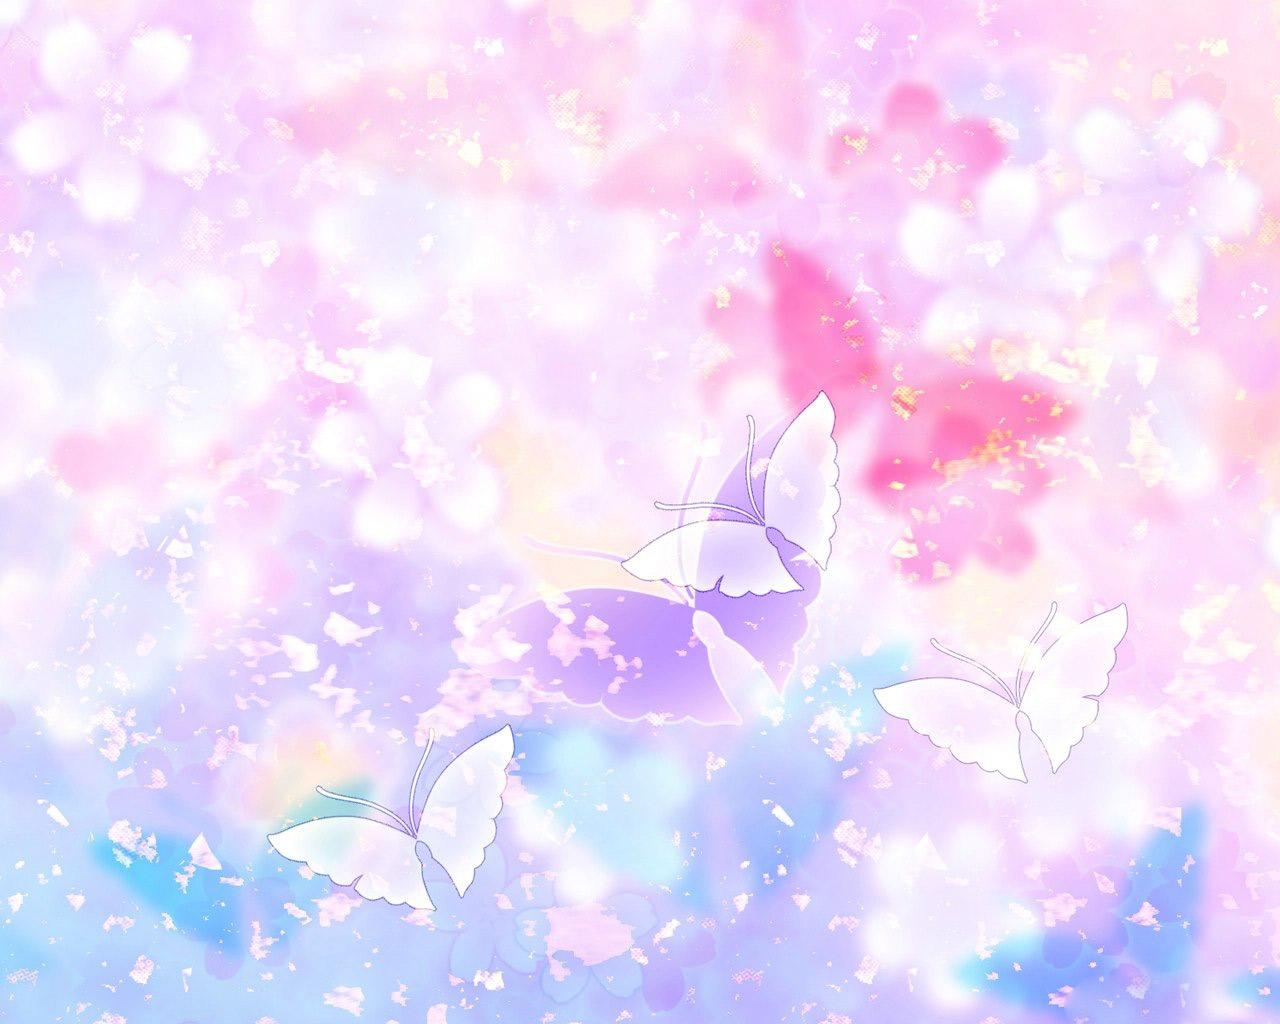 and Butterflies clipart desktop hd Wallpaper High Quality Wallpapers 1280x1024